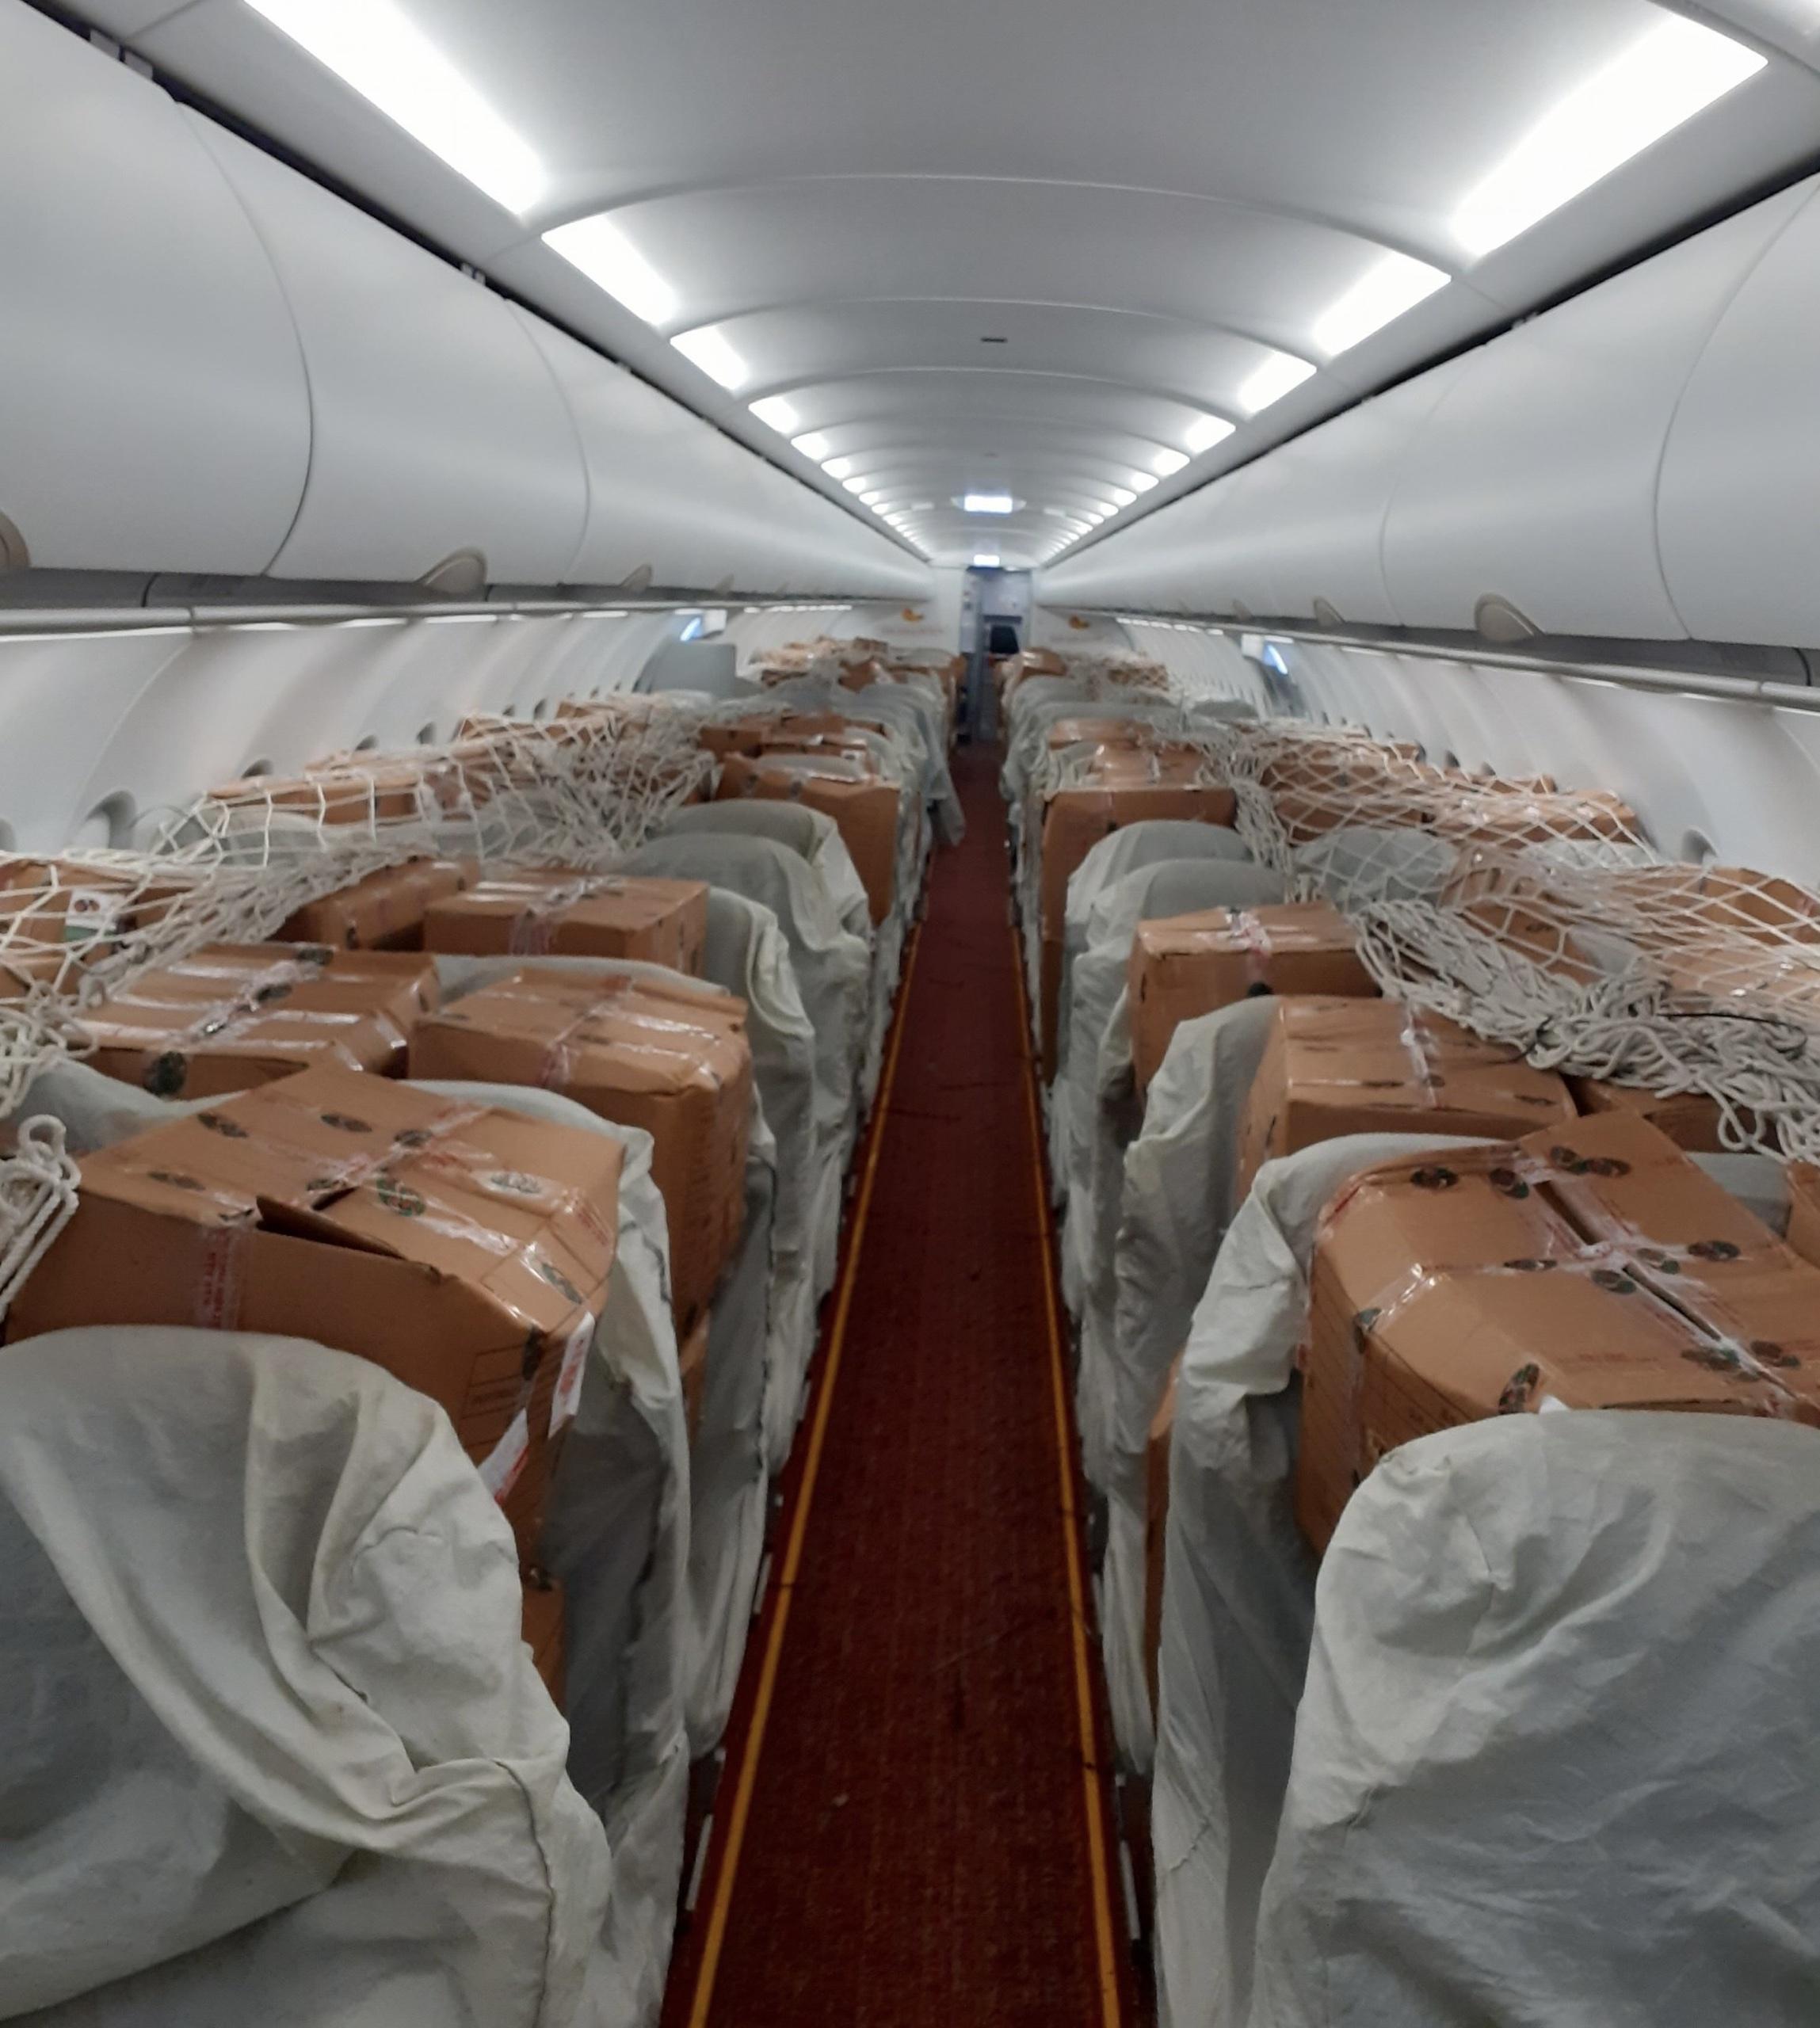 Vải sớm Bắc Giang vận chuyển bằng máy bay giá 35.000/kg cháy hàng ở Sài Gòn - Ảnh 1.